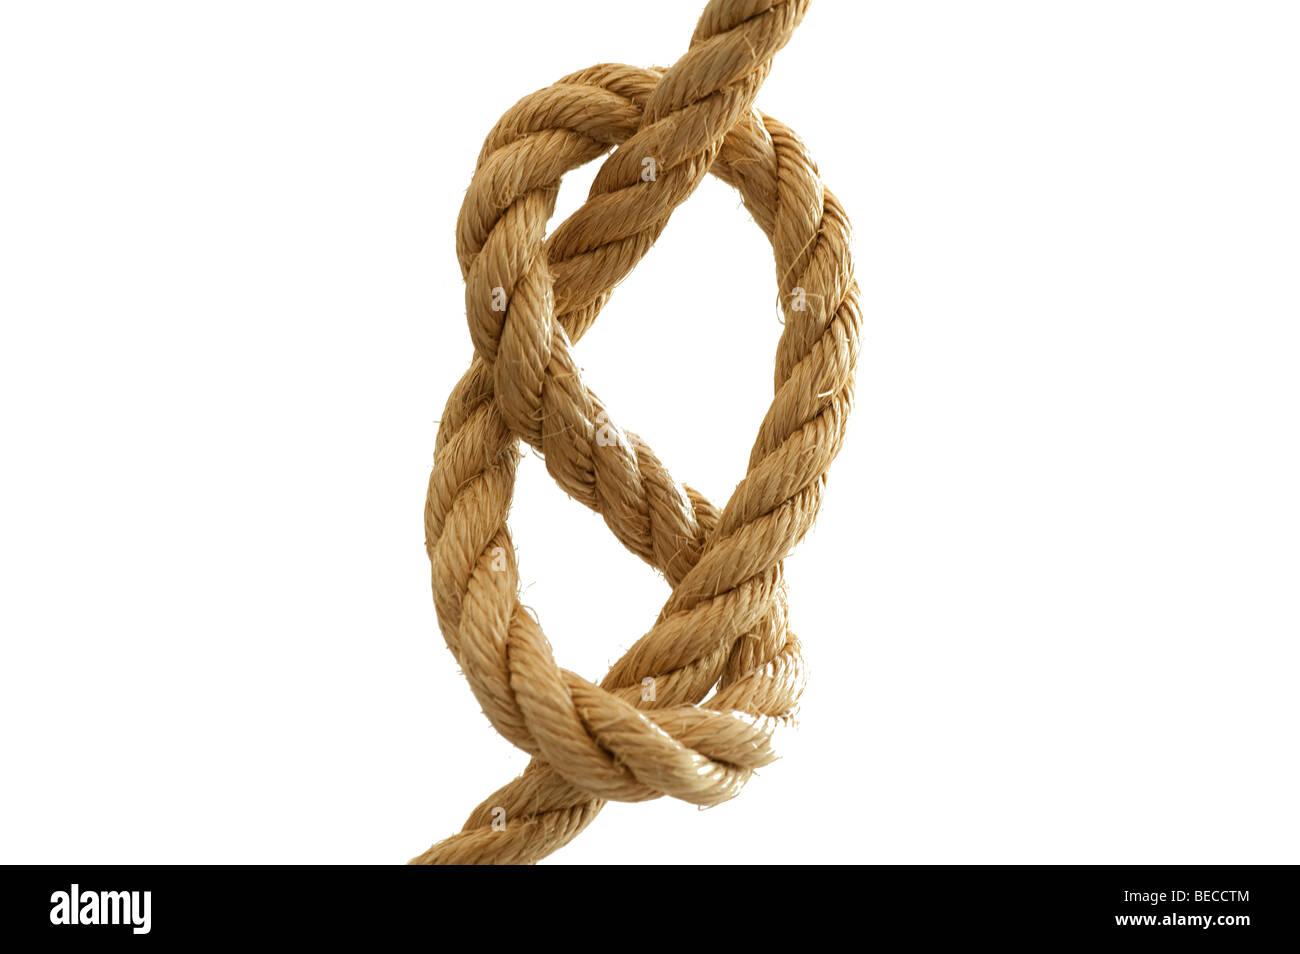 Gran nudo en pesada cuerda de cáñamo de manila Imagen De Stock